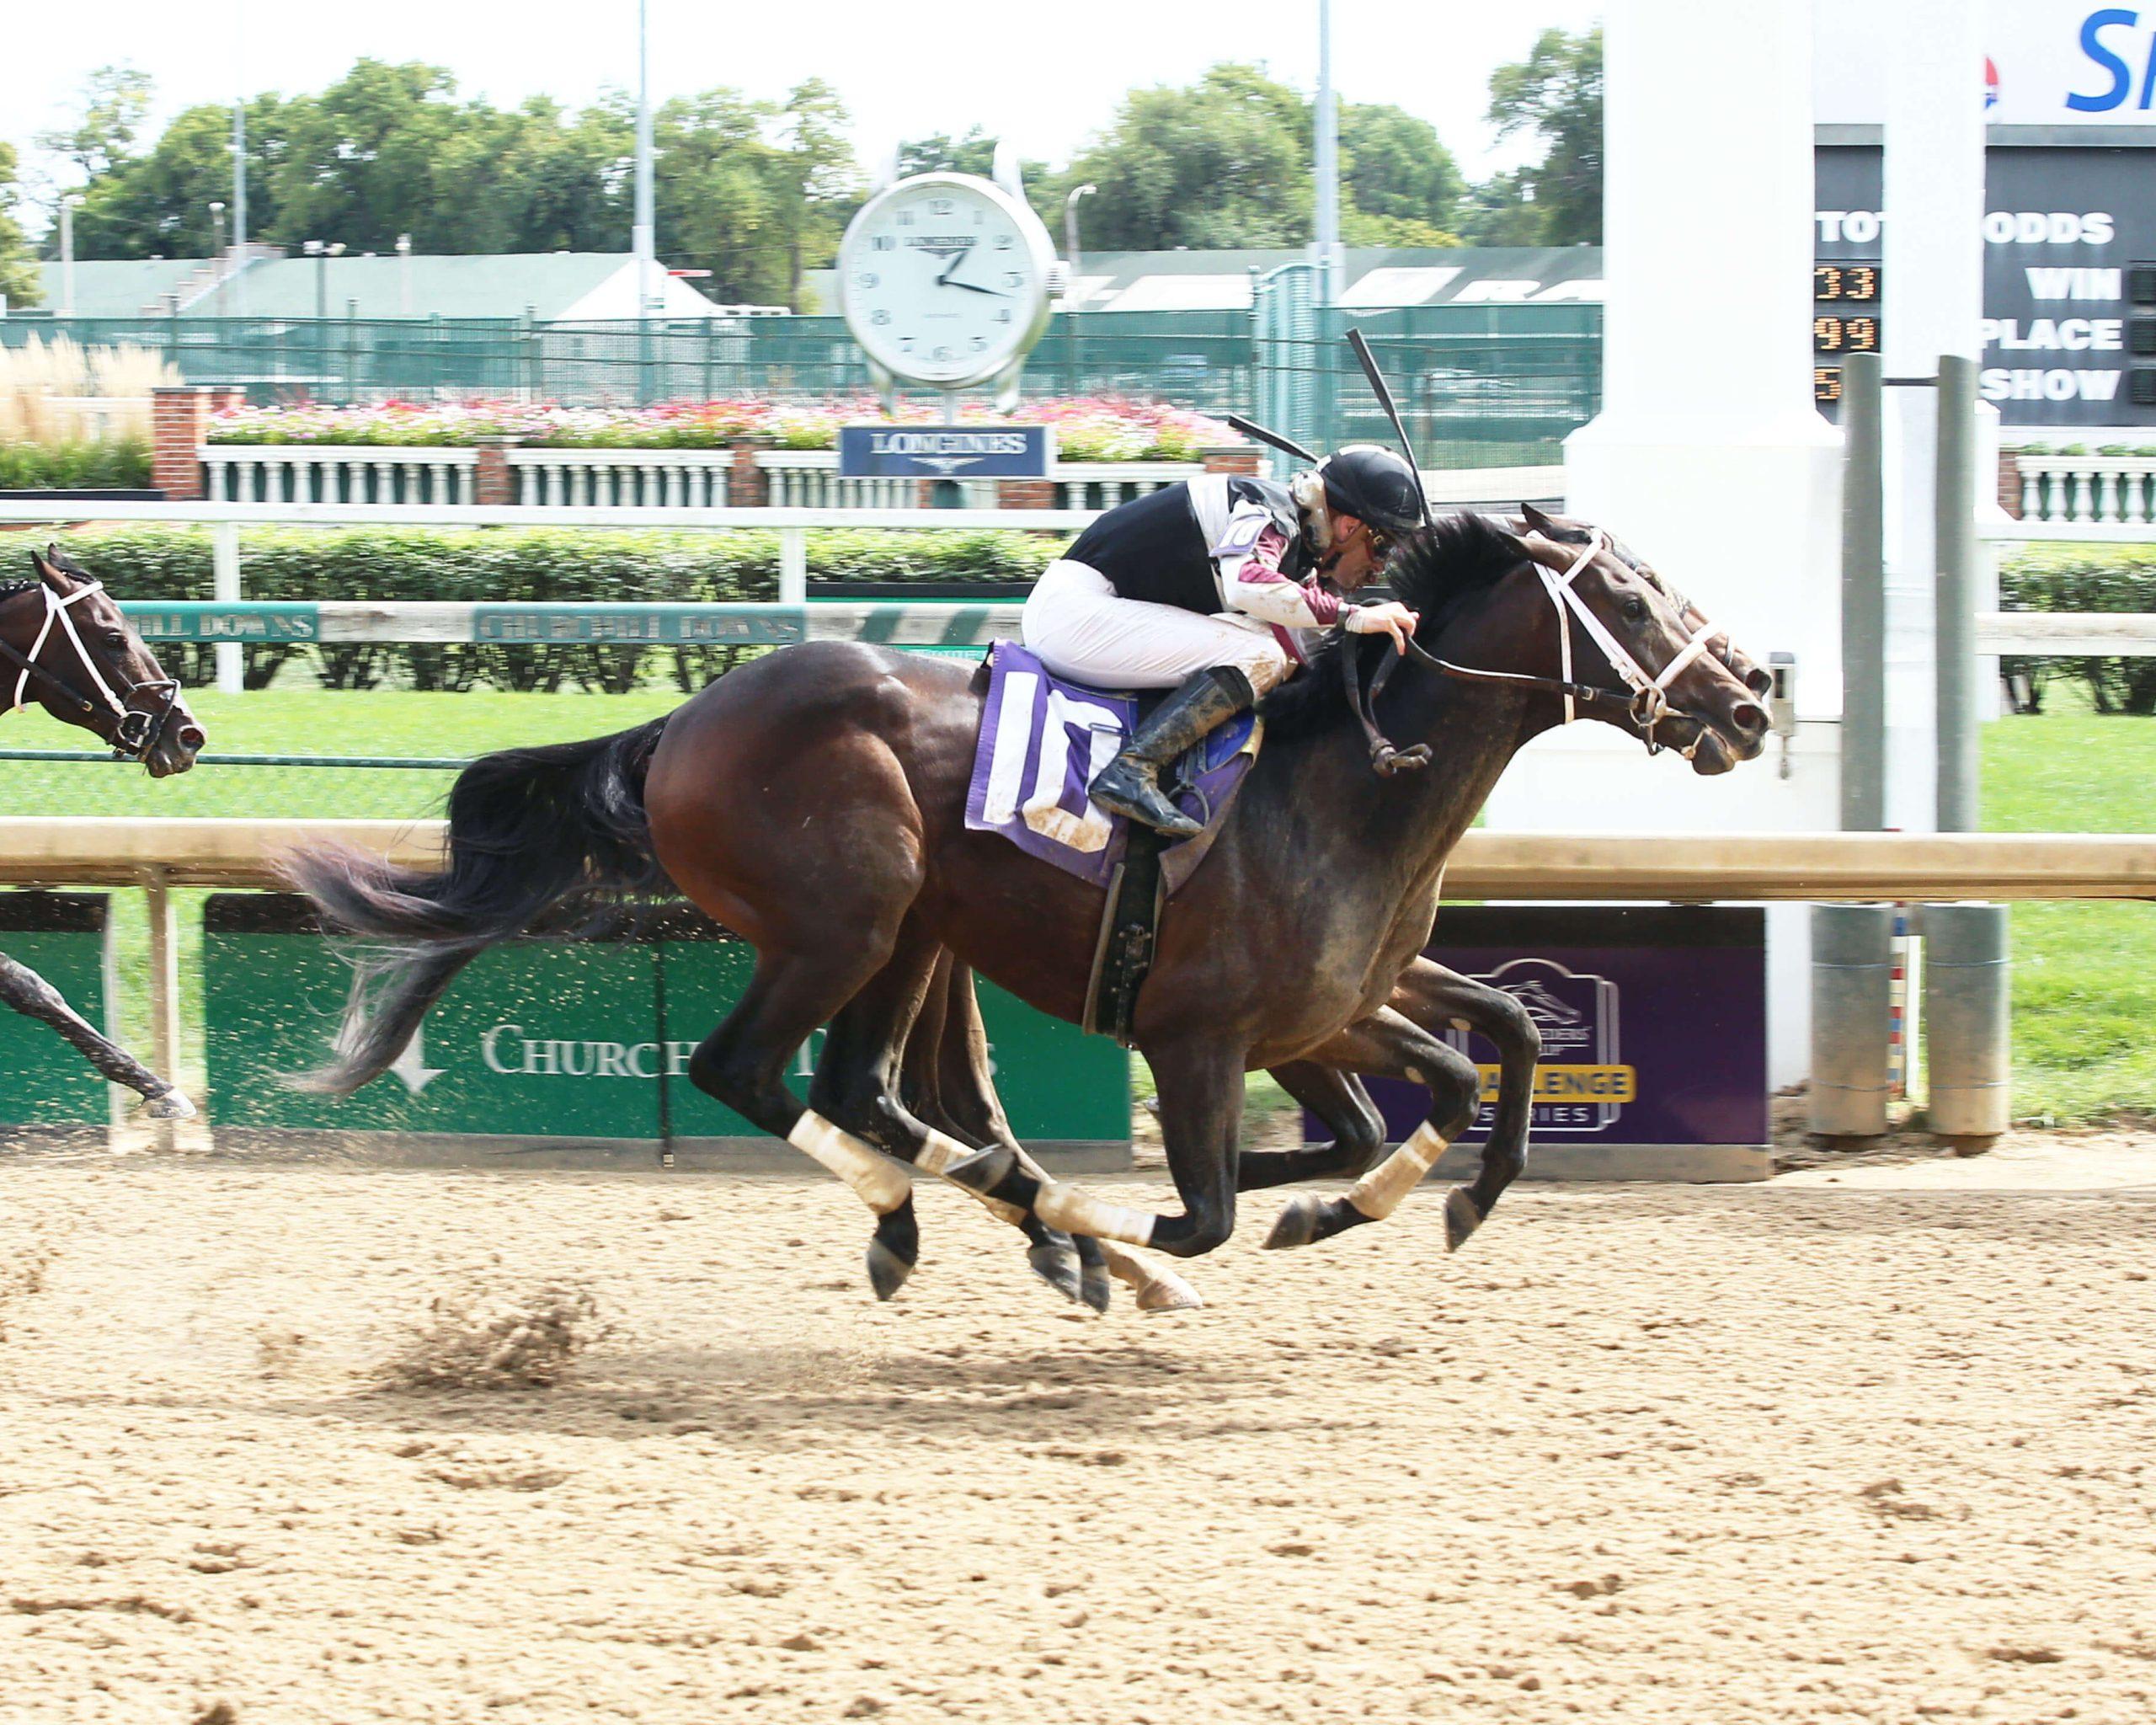 Kentucky Derby 25 Odds South Bend   Horse Racing News